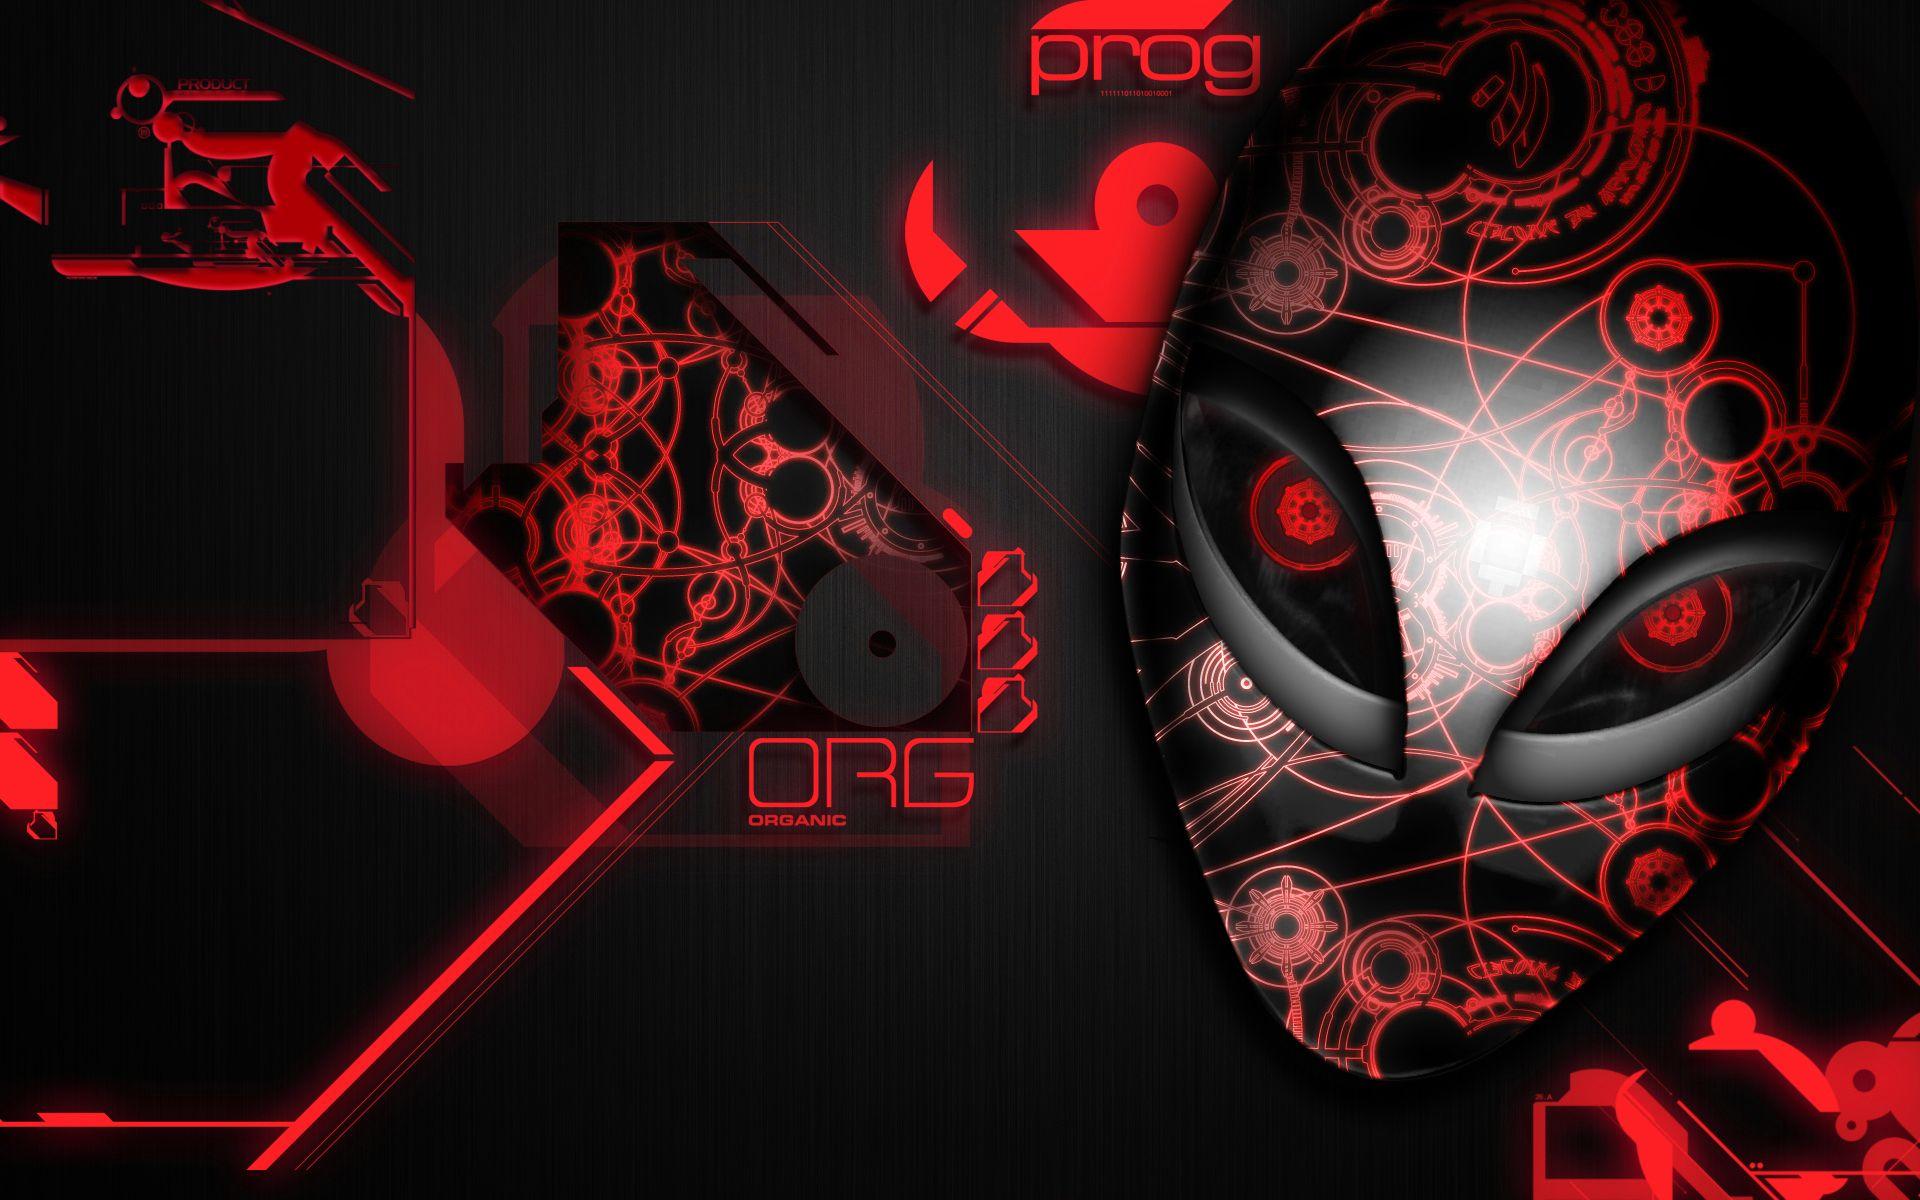 Alienware desktop background red organic design 1920x1200 alienware desktop background red organic design 1920x1200 voltagebd Choice Image